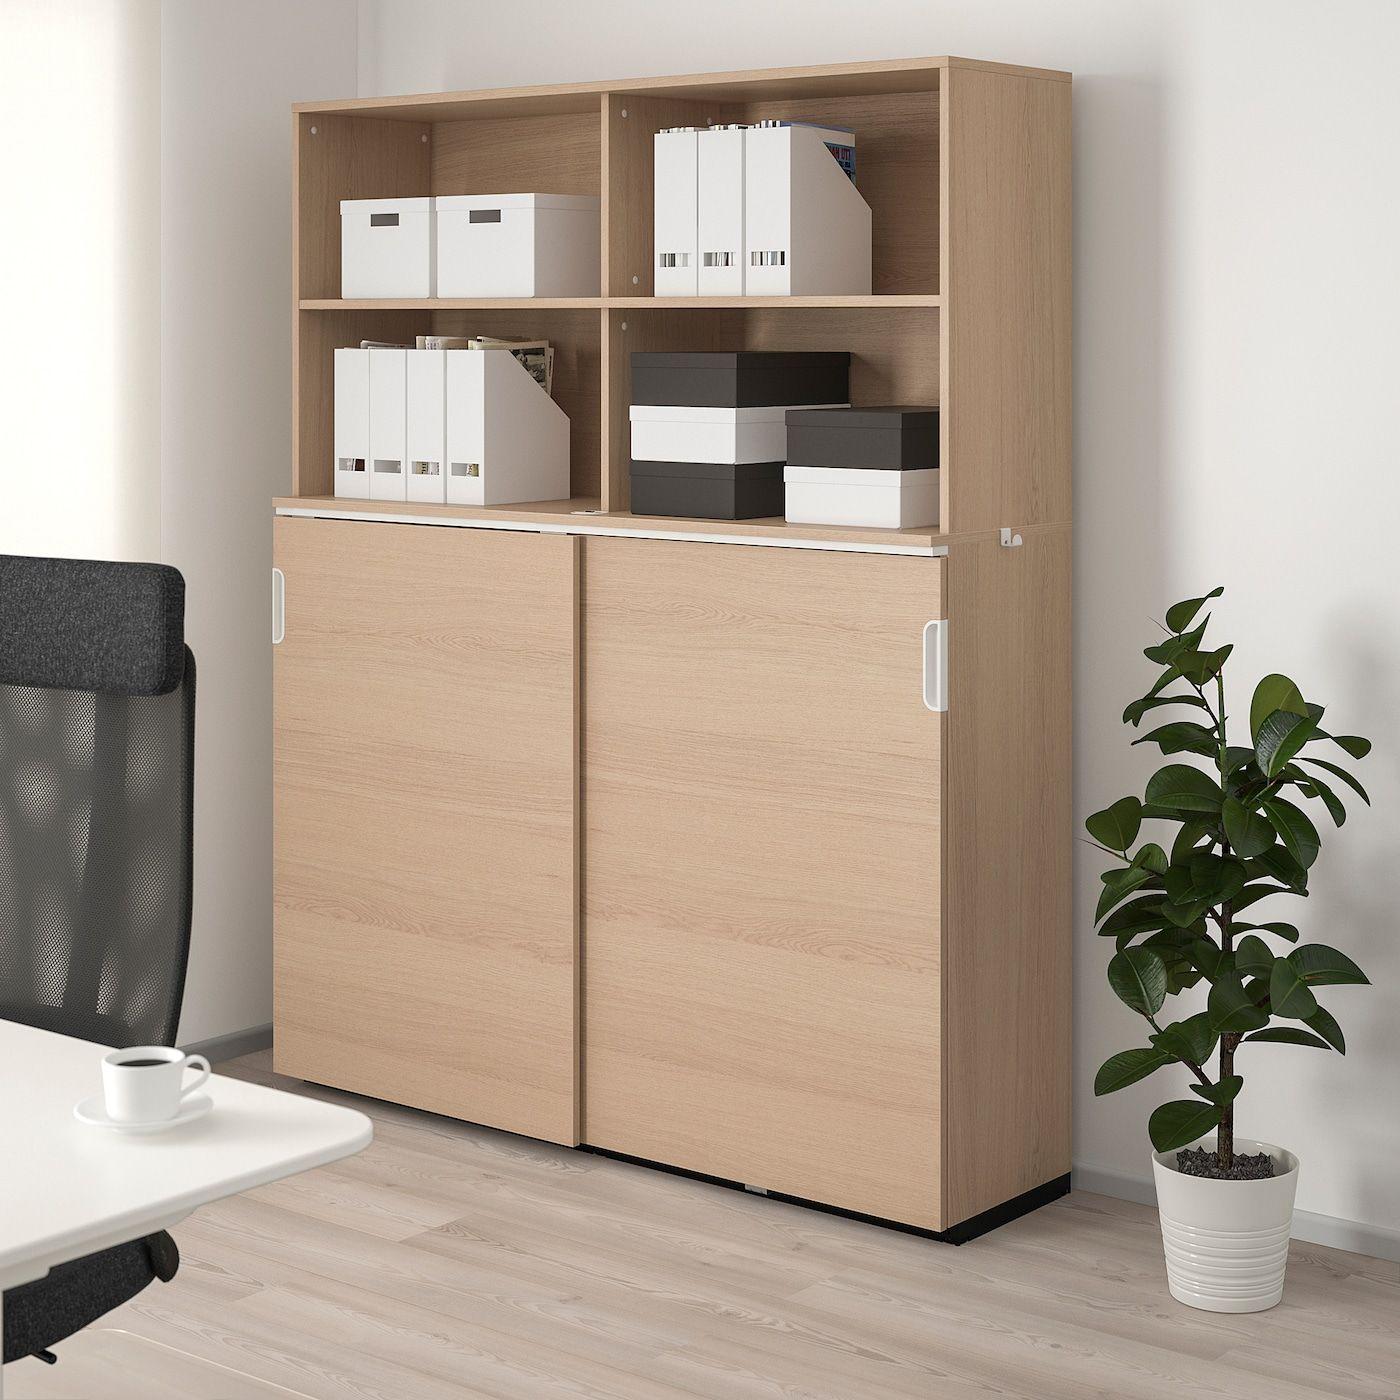 IKEA GALANT Aufbewahrung mit Schiebetüren – Eichenfurnier we…